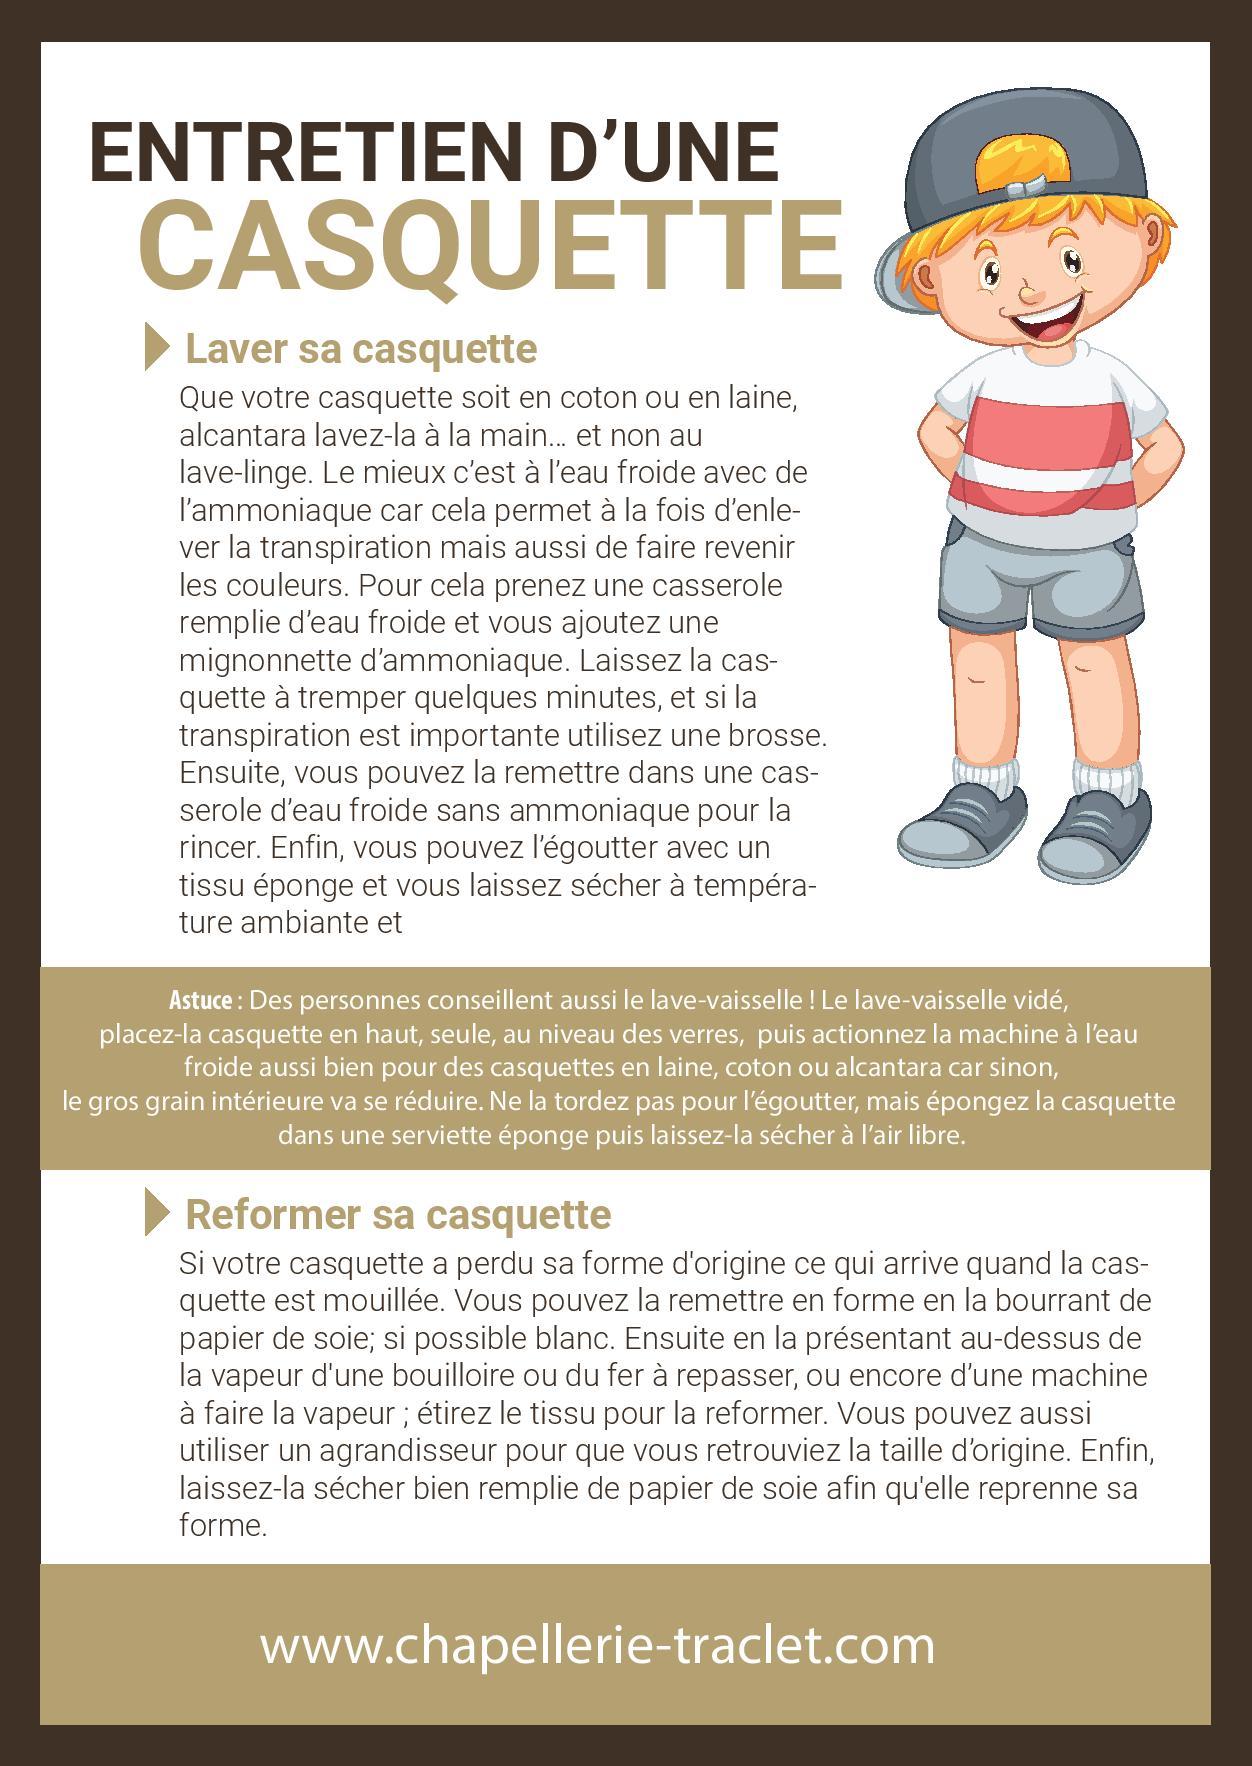 Casquette Nettoyage Et Entretien